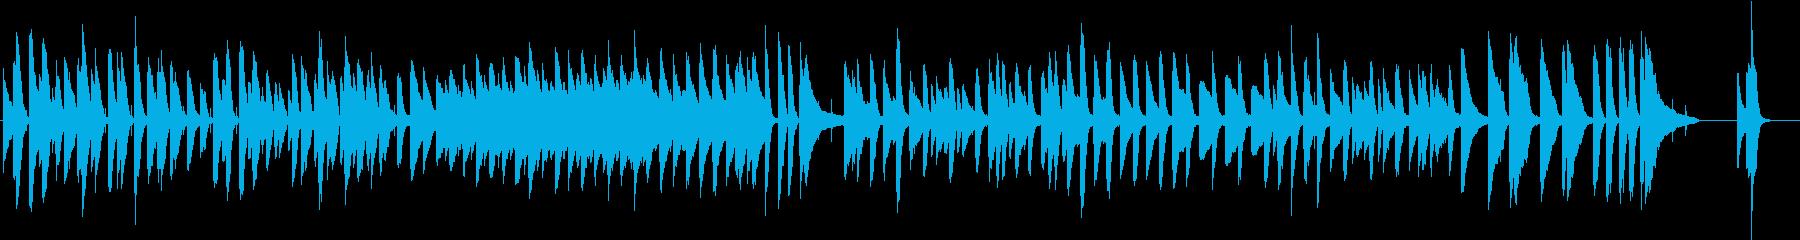 ゆったり、かわいい日常系BGMの再生済みの波形